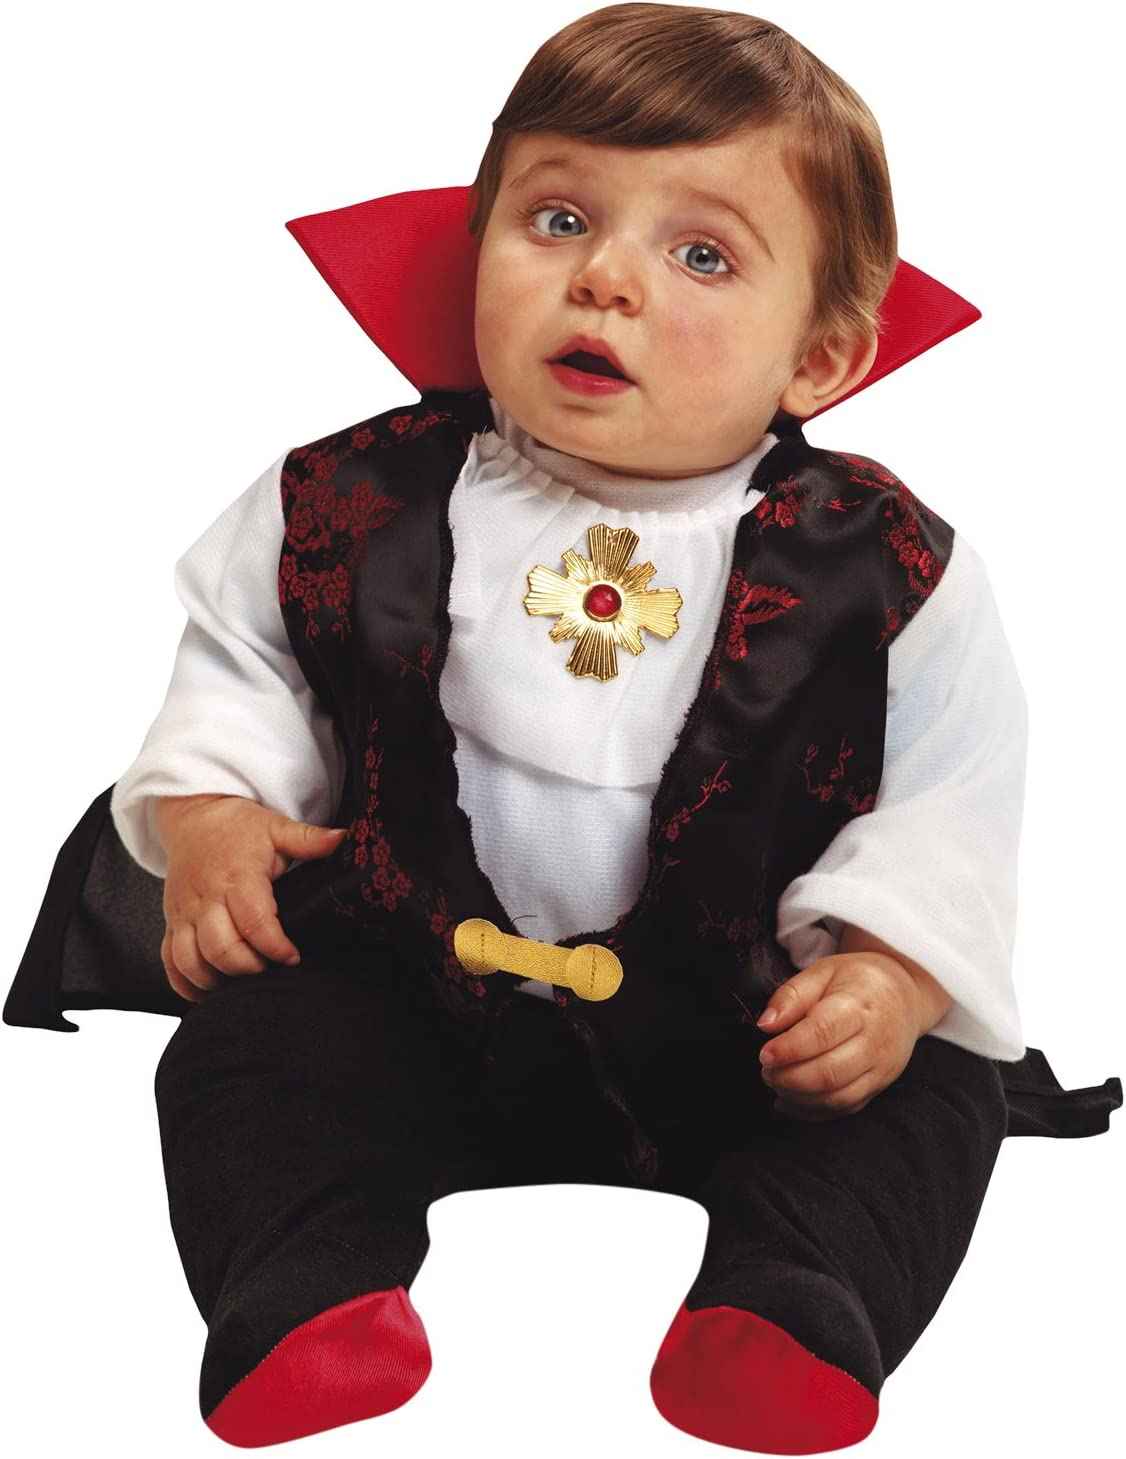 My Other Me Me-203270 Disfraz de bebé Drácula para niño, 1-2 años (Viving Costumes 203270): Amazon.es: Ropa y accesorios